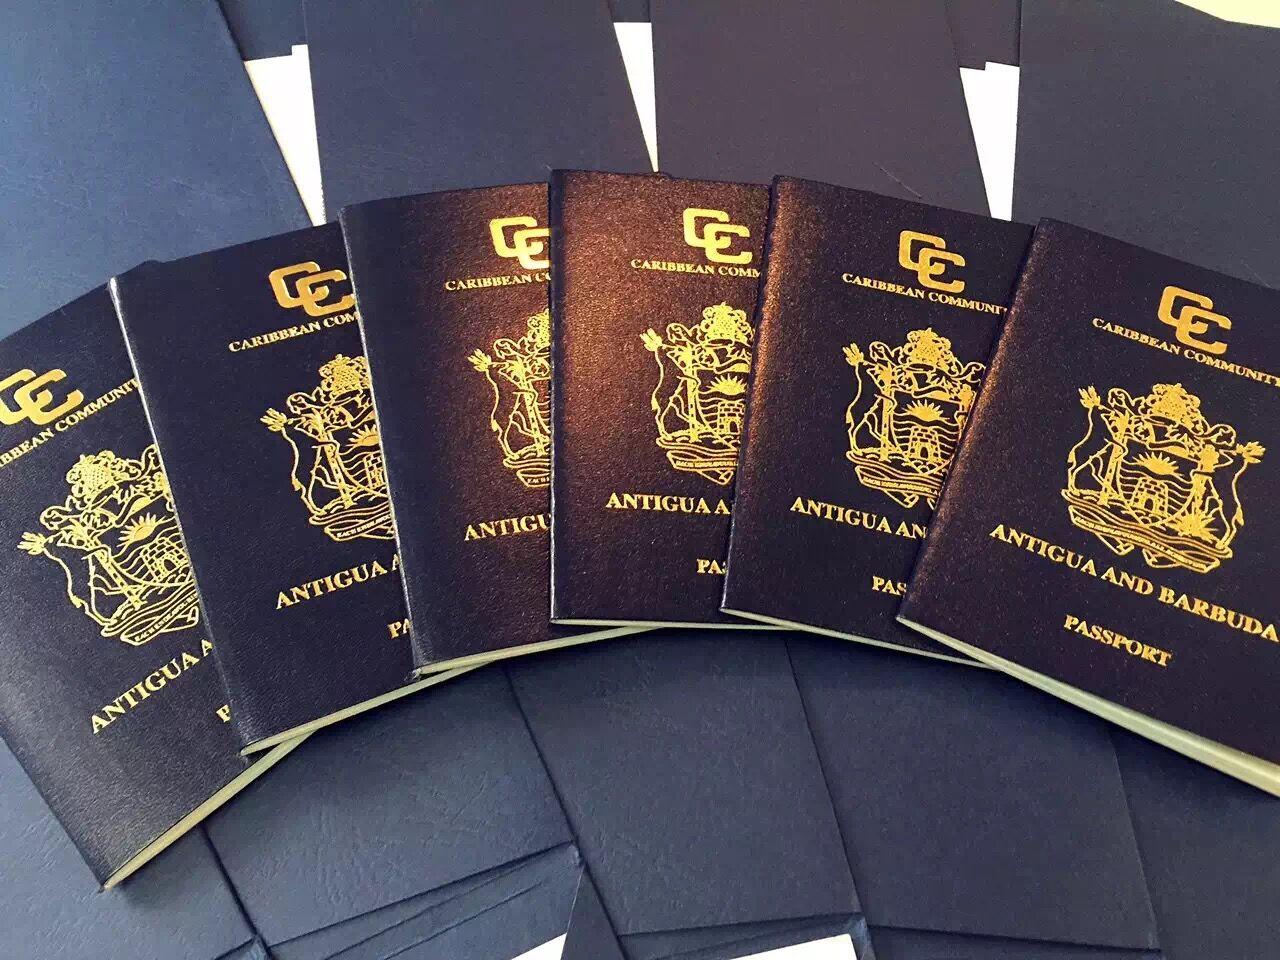 Получив гражданство Антигуа, больше не нужно жить там 5 дней (временная акция)